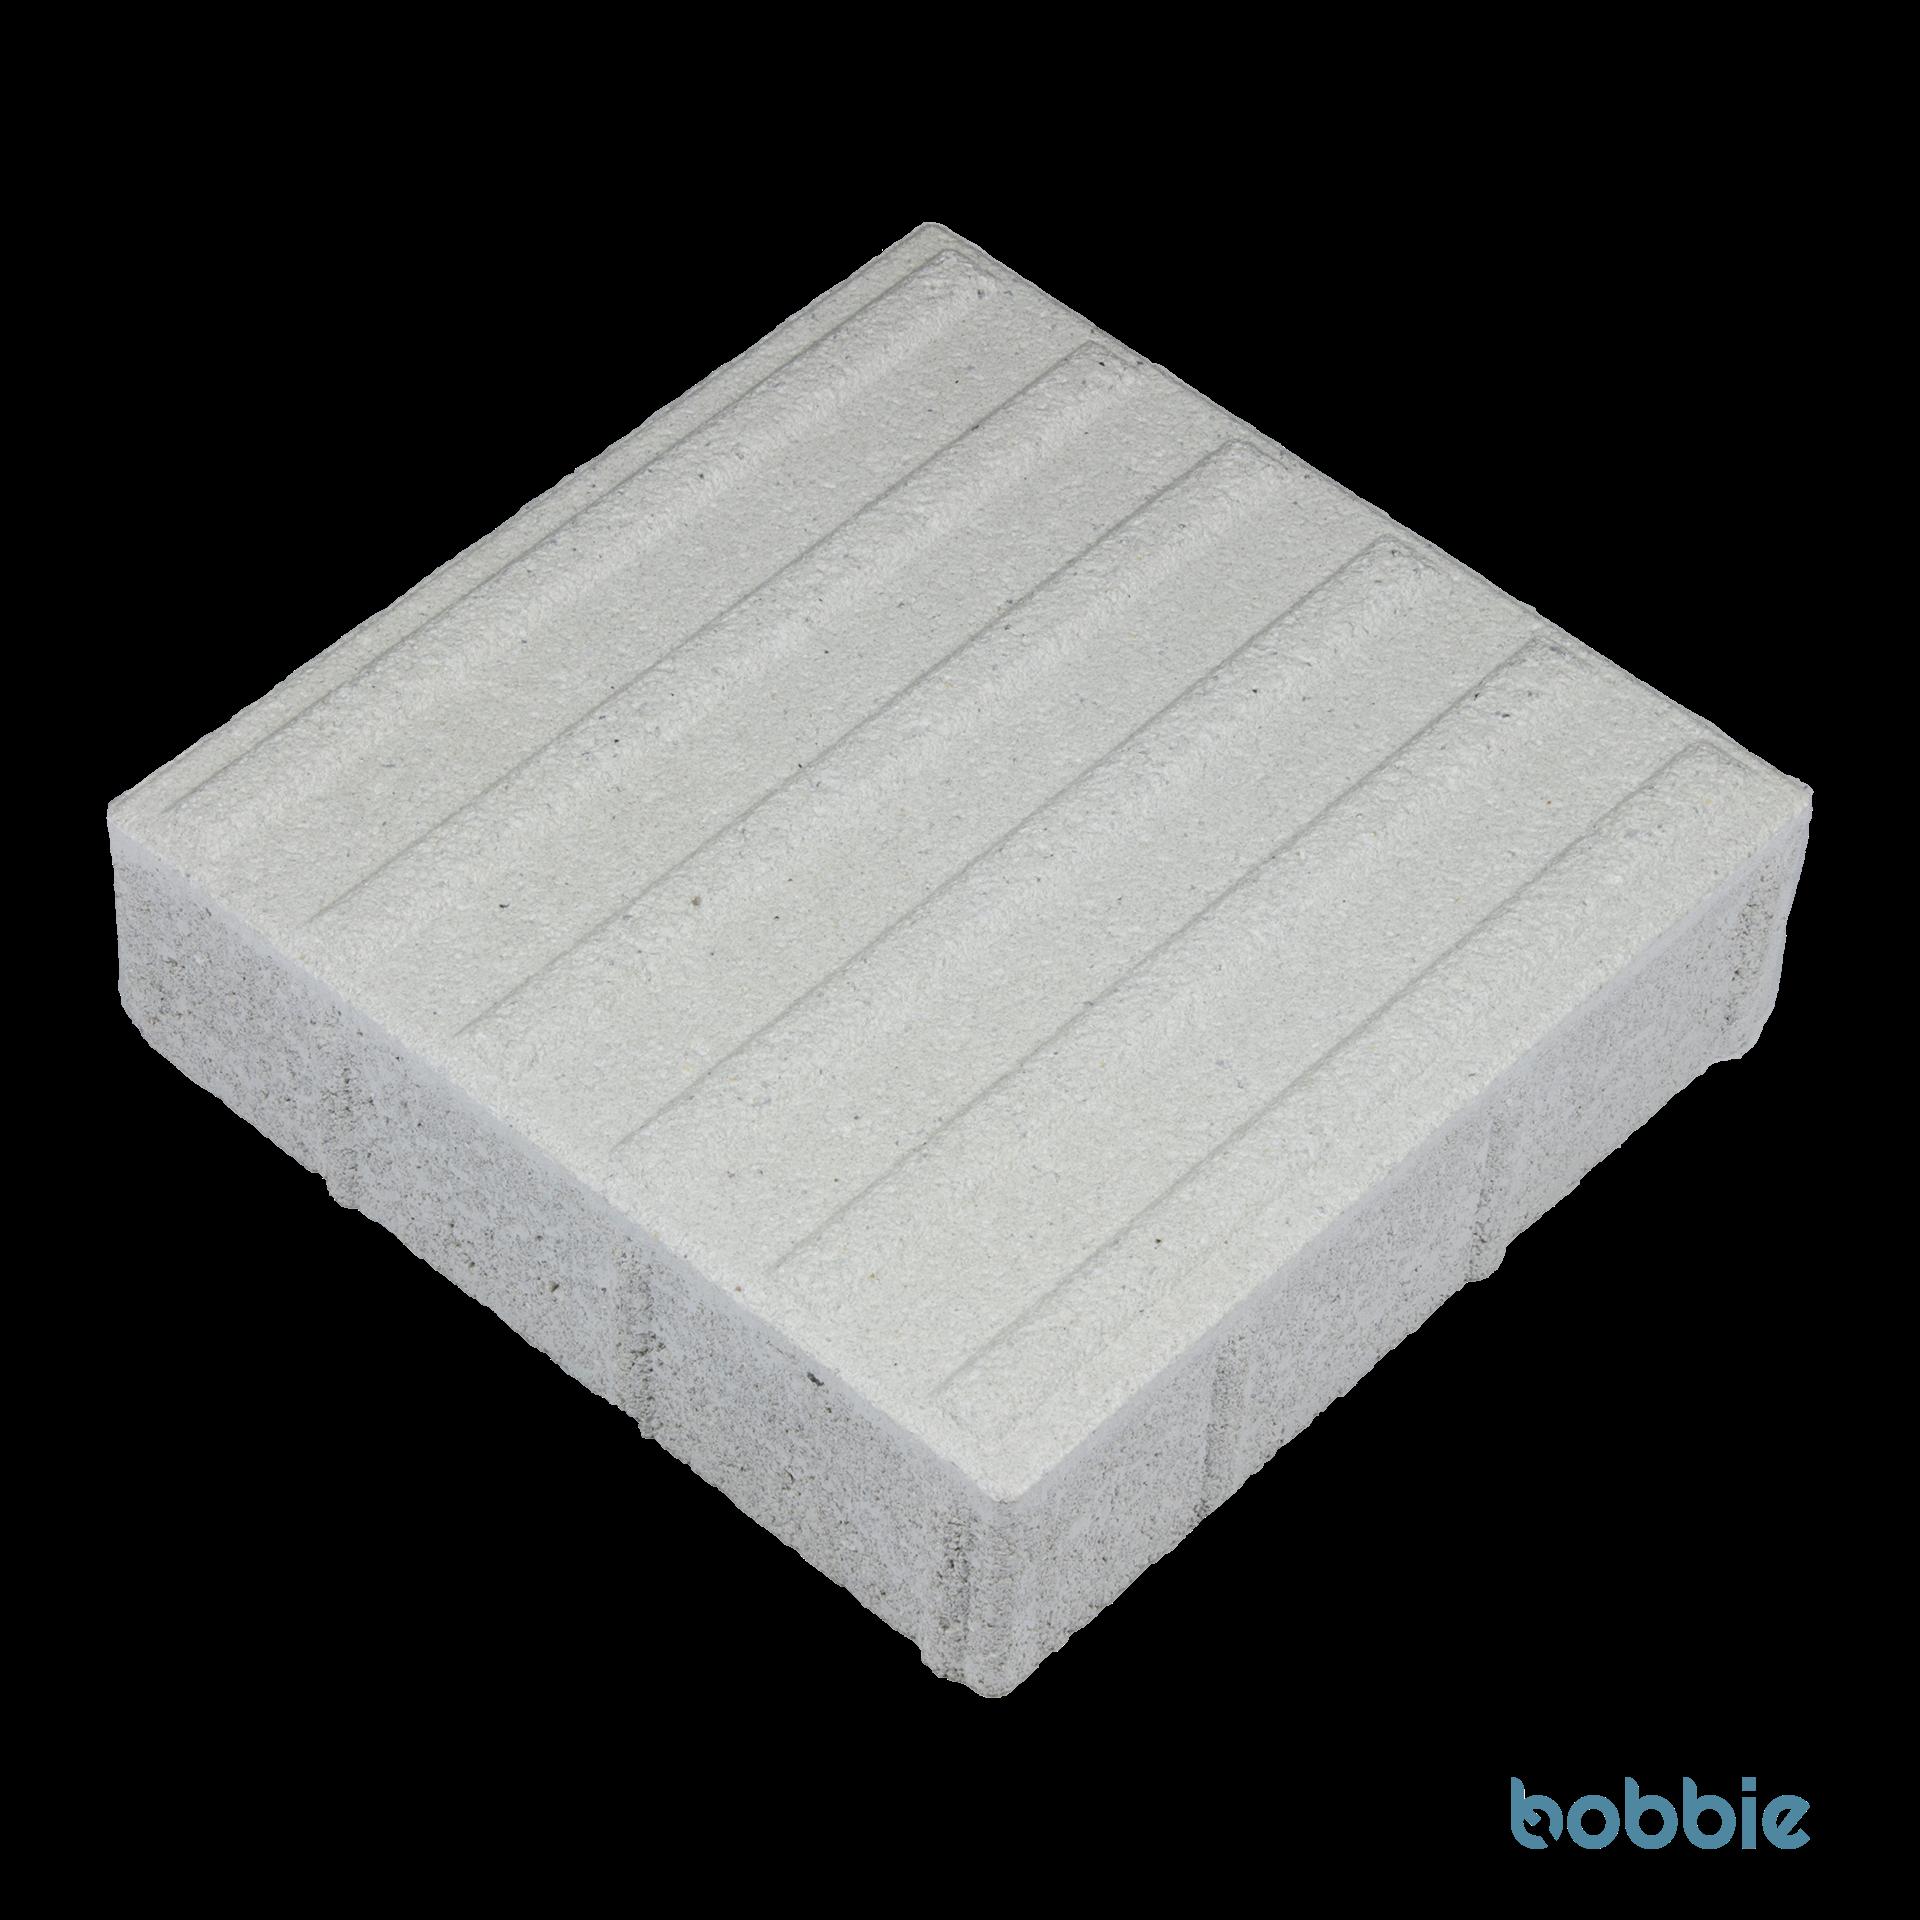 EASYCROSS DTE700 Weiß Rippenplatte 300 x 300 x 80 mm Typ 2